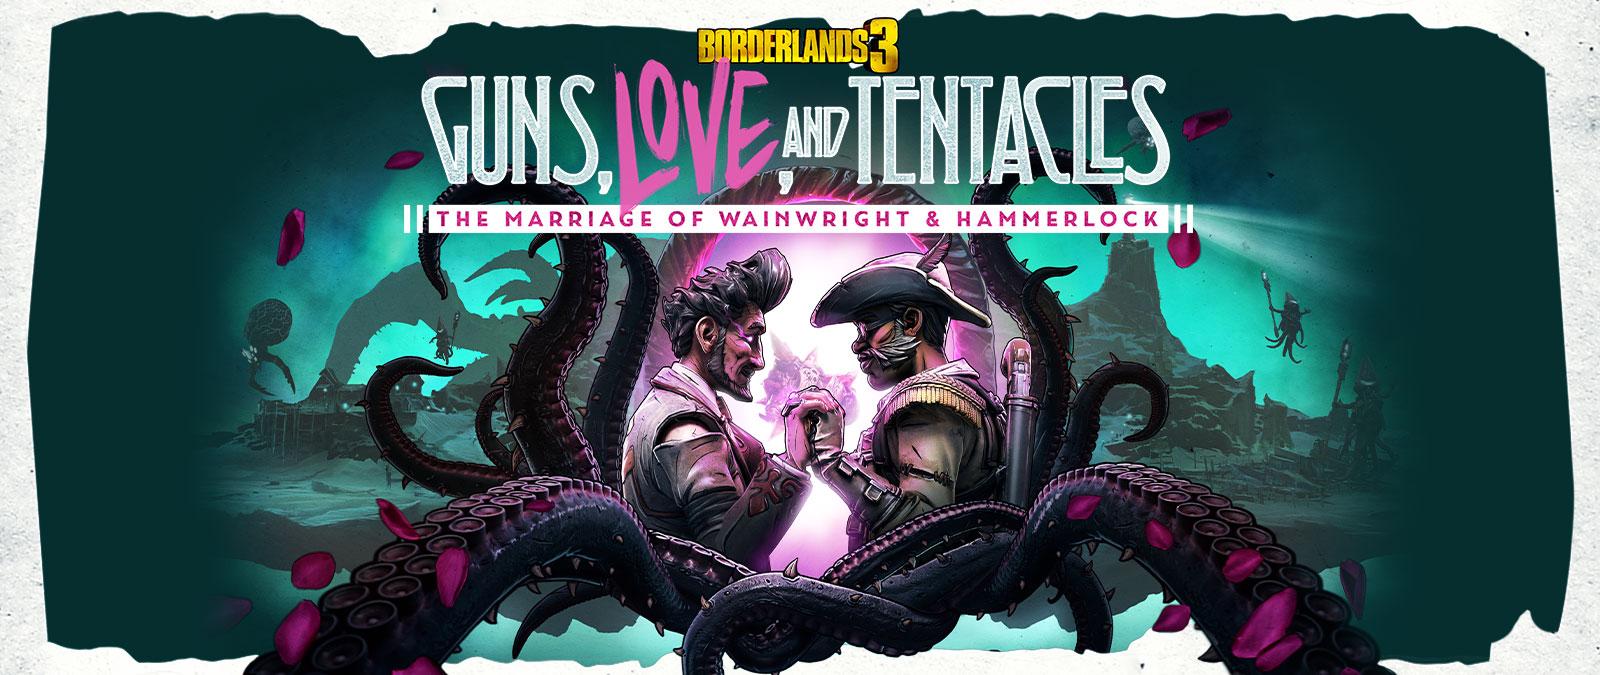 Borderlands 3, Armas, amor y tentáculos, la boda de Wainwright y Hammerlock, Wainwright y Hammerlock se dan la mano frente a un portal de luz brillante.